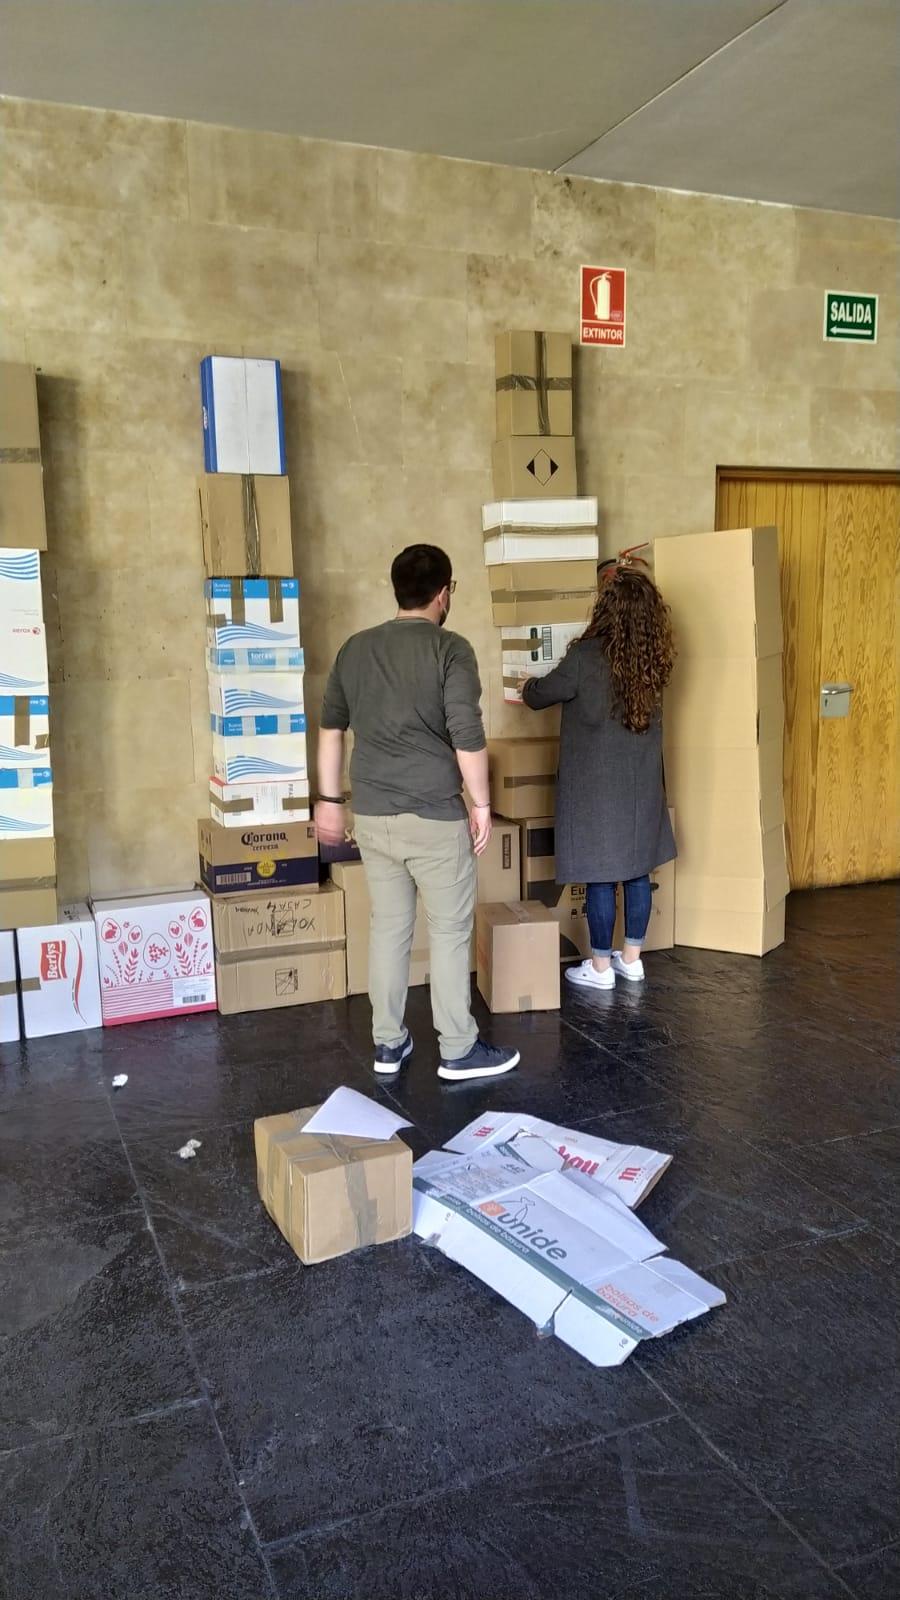 Miembros del proyecto expositivo WOLK trabajando en el montaje del stand